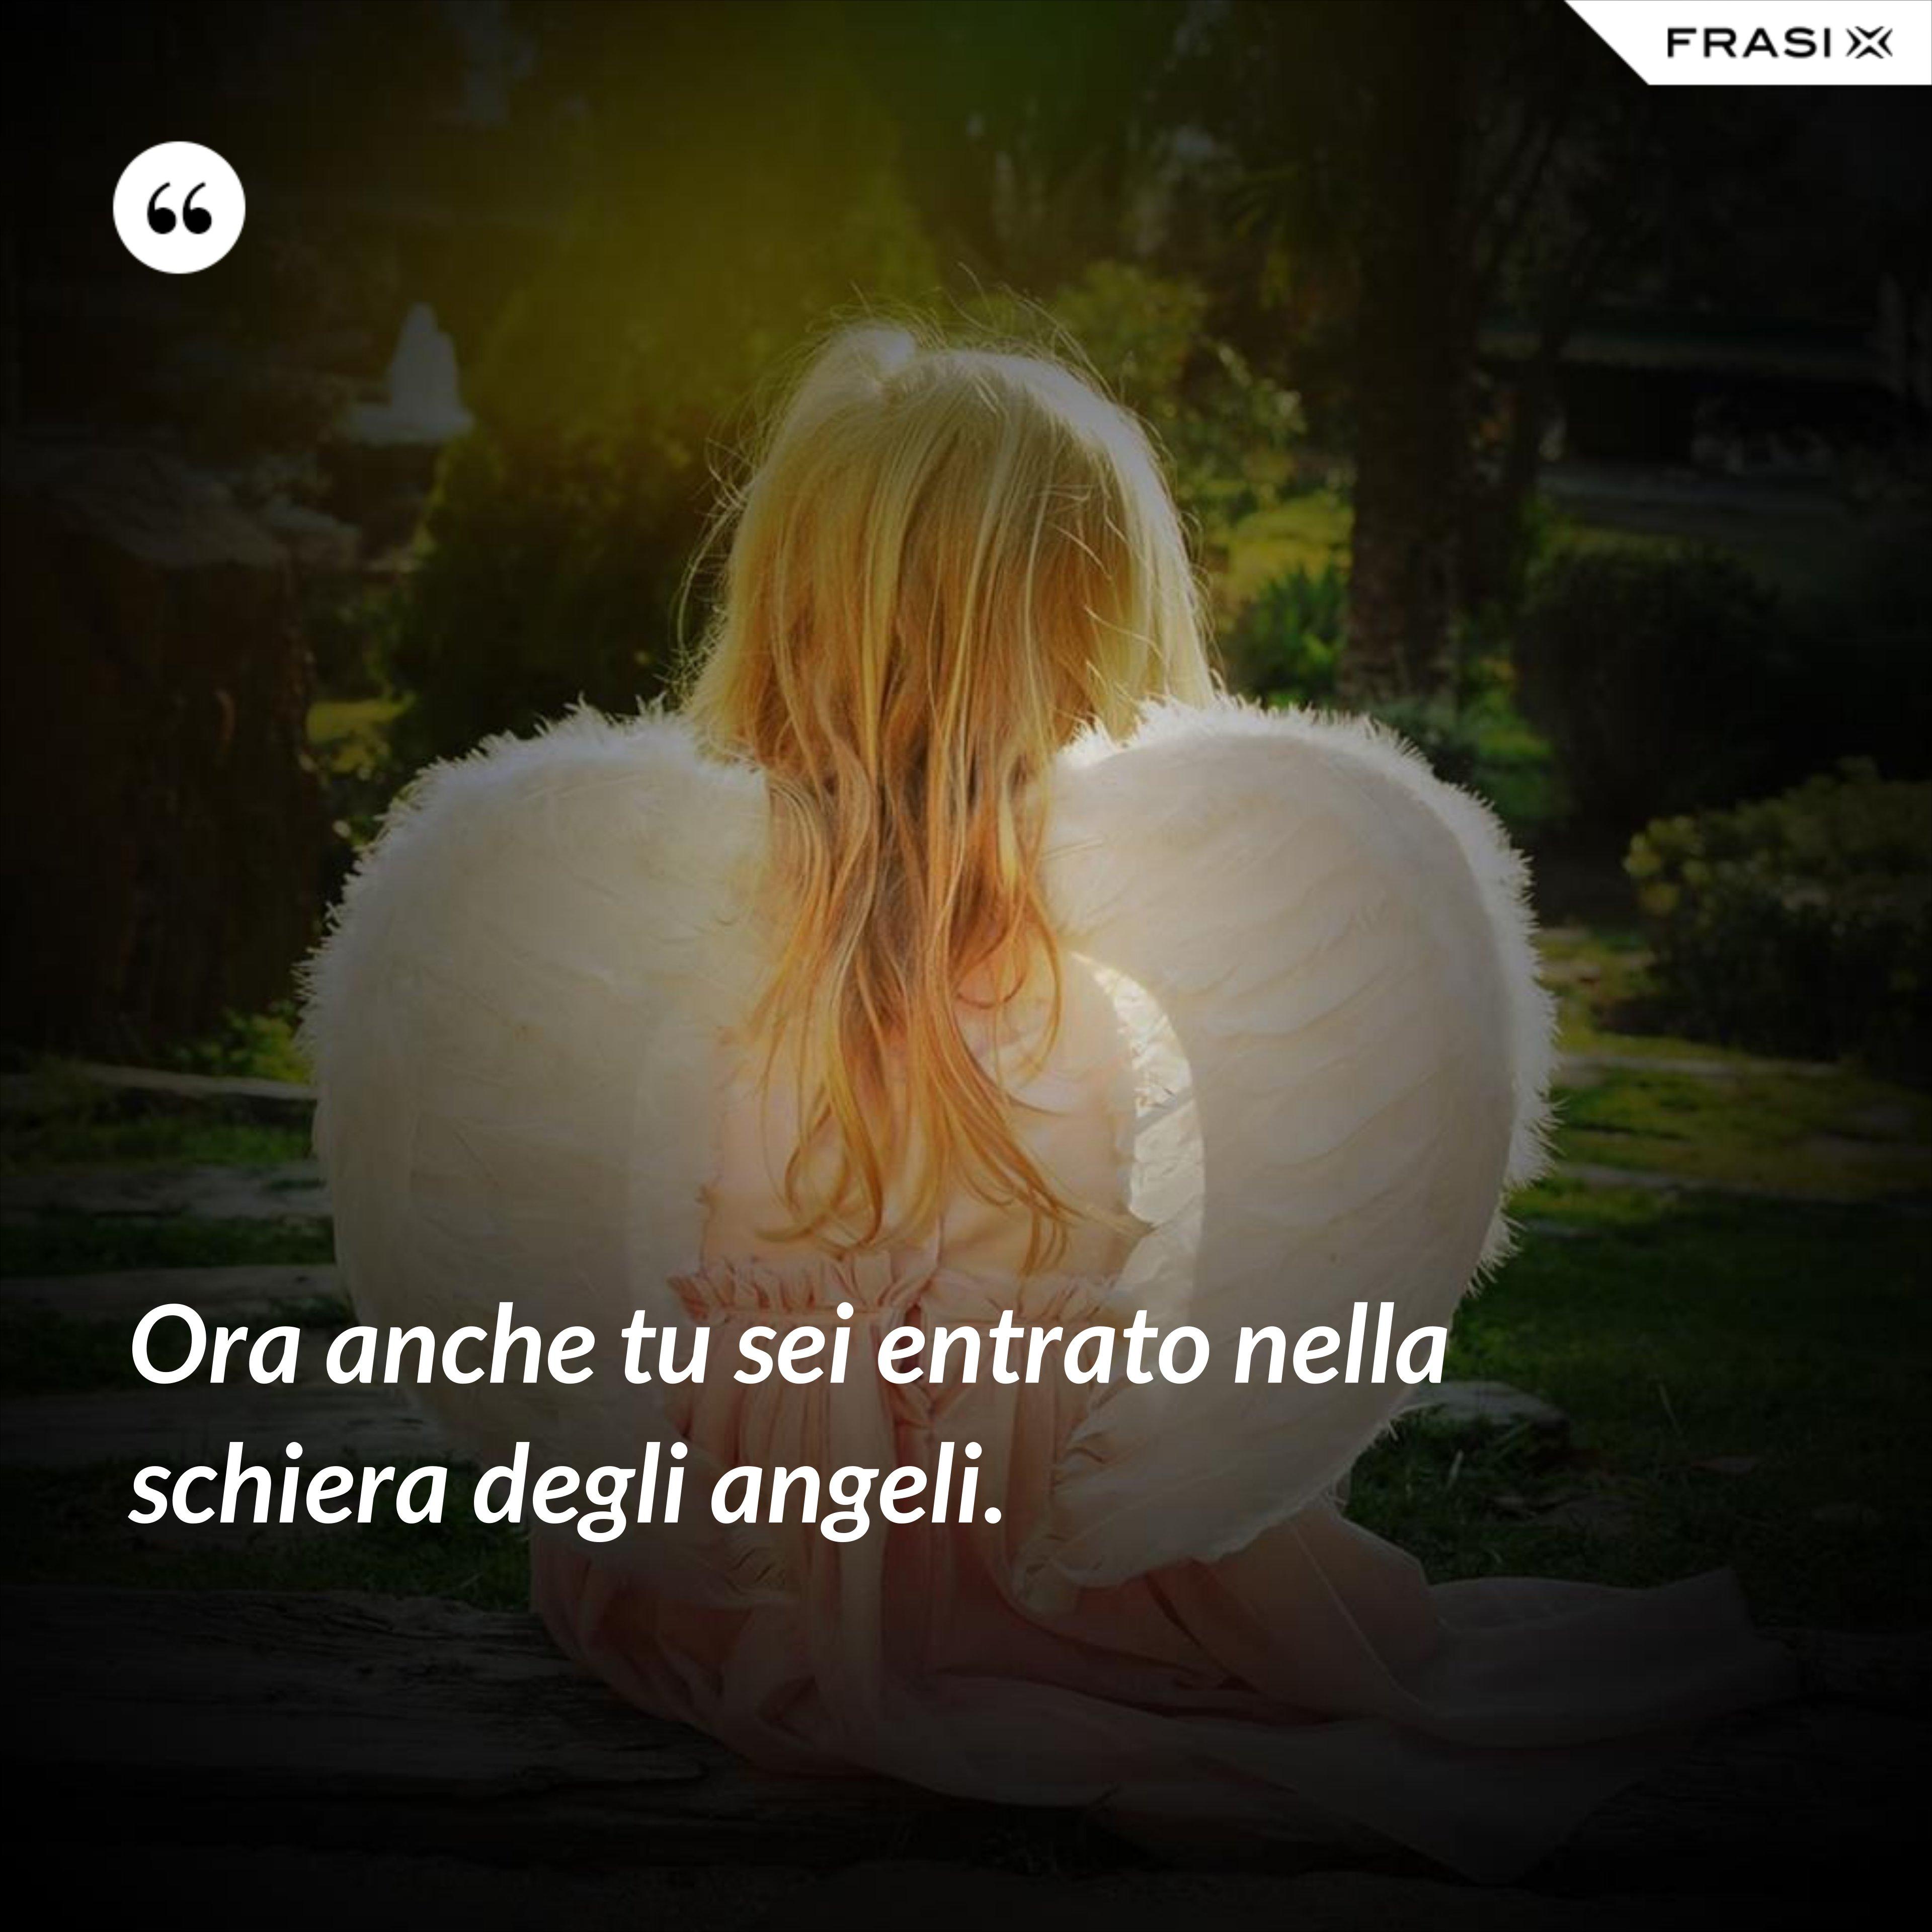 Ora anche tu sei entrato nella schiera degli angeli. - Anonimo